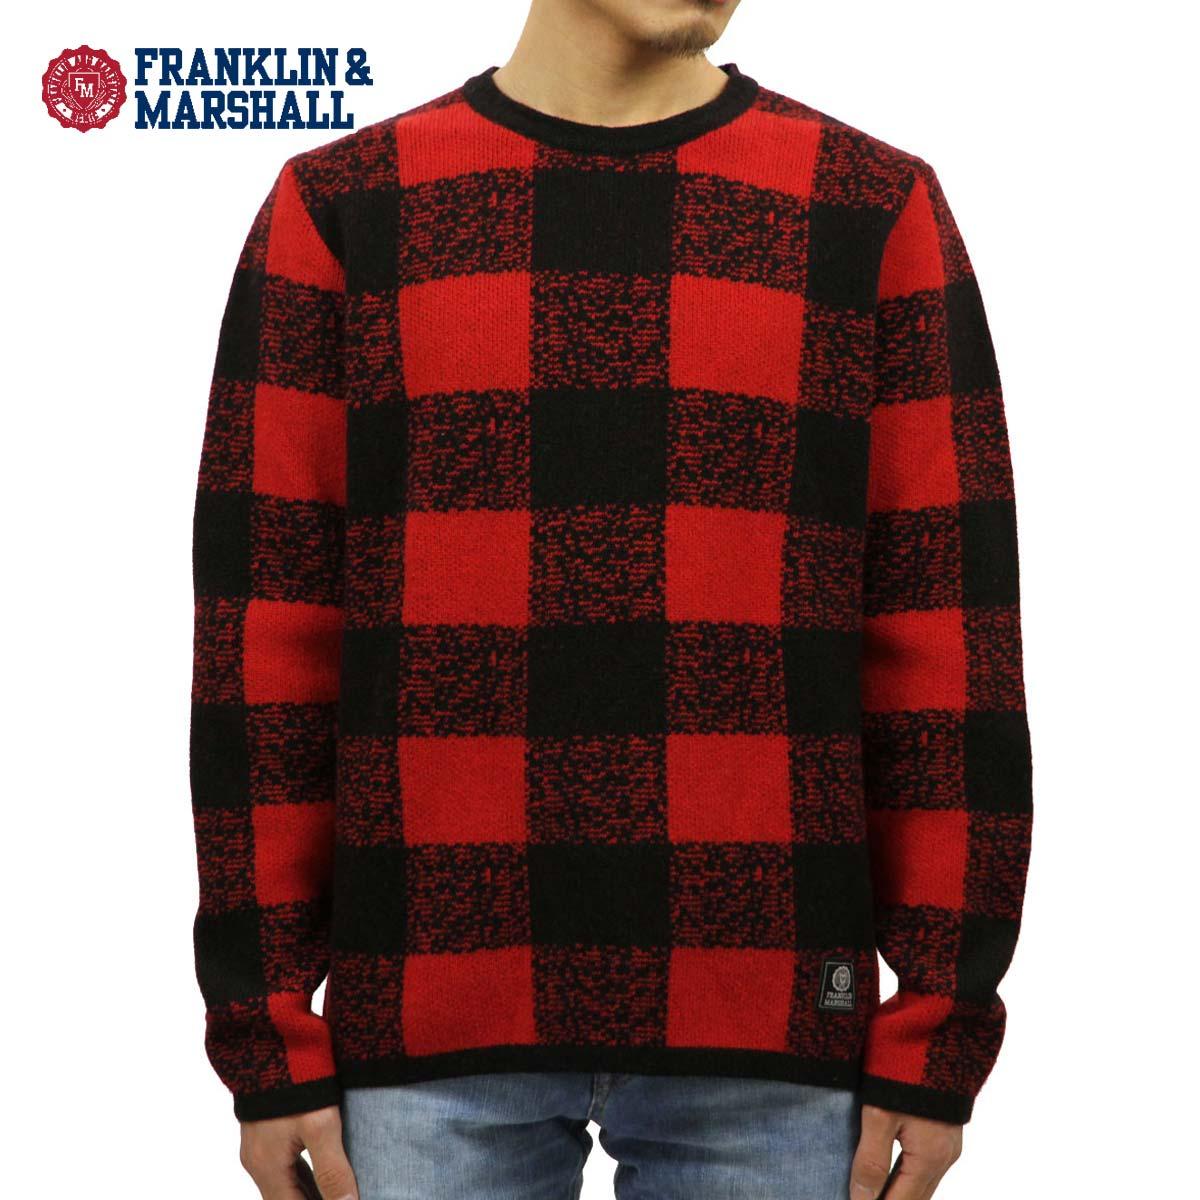 フランクリン マーシャル FRANKLIN&MARSHALL 正規販売店 メンズ セーター BUFFALO CHECK SWEATER CARDINAL MOUNTAIN KNMAL049AN 6025 D00S20